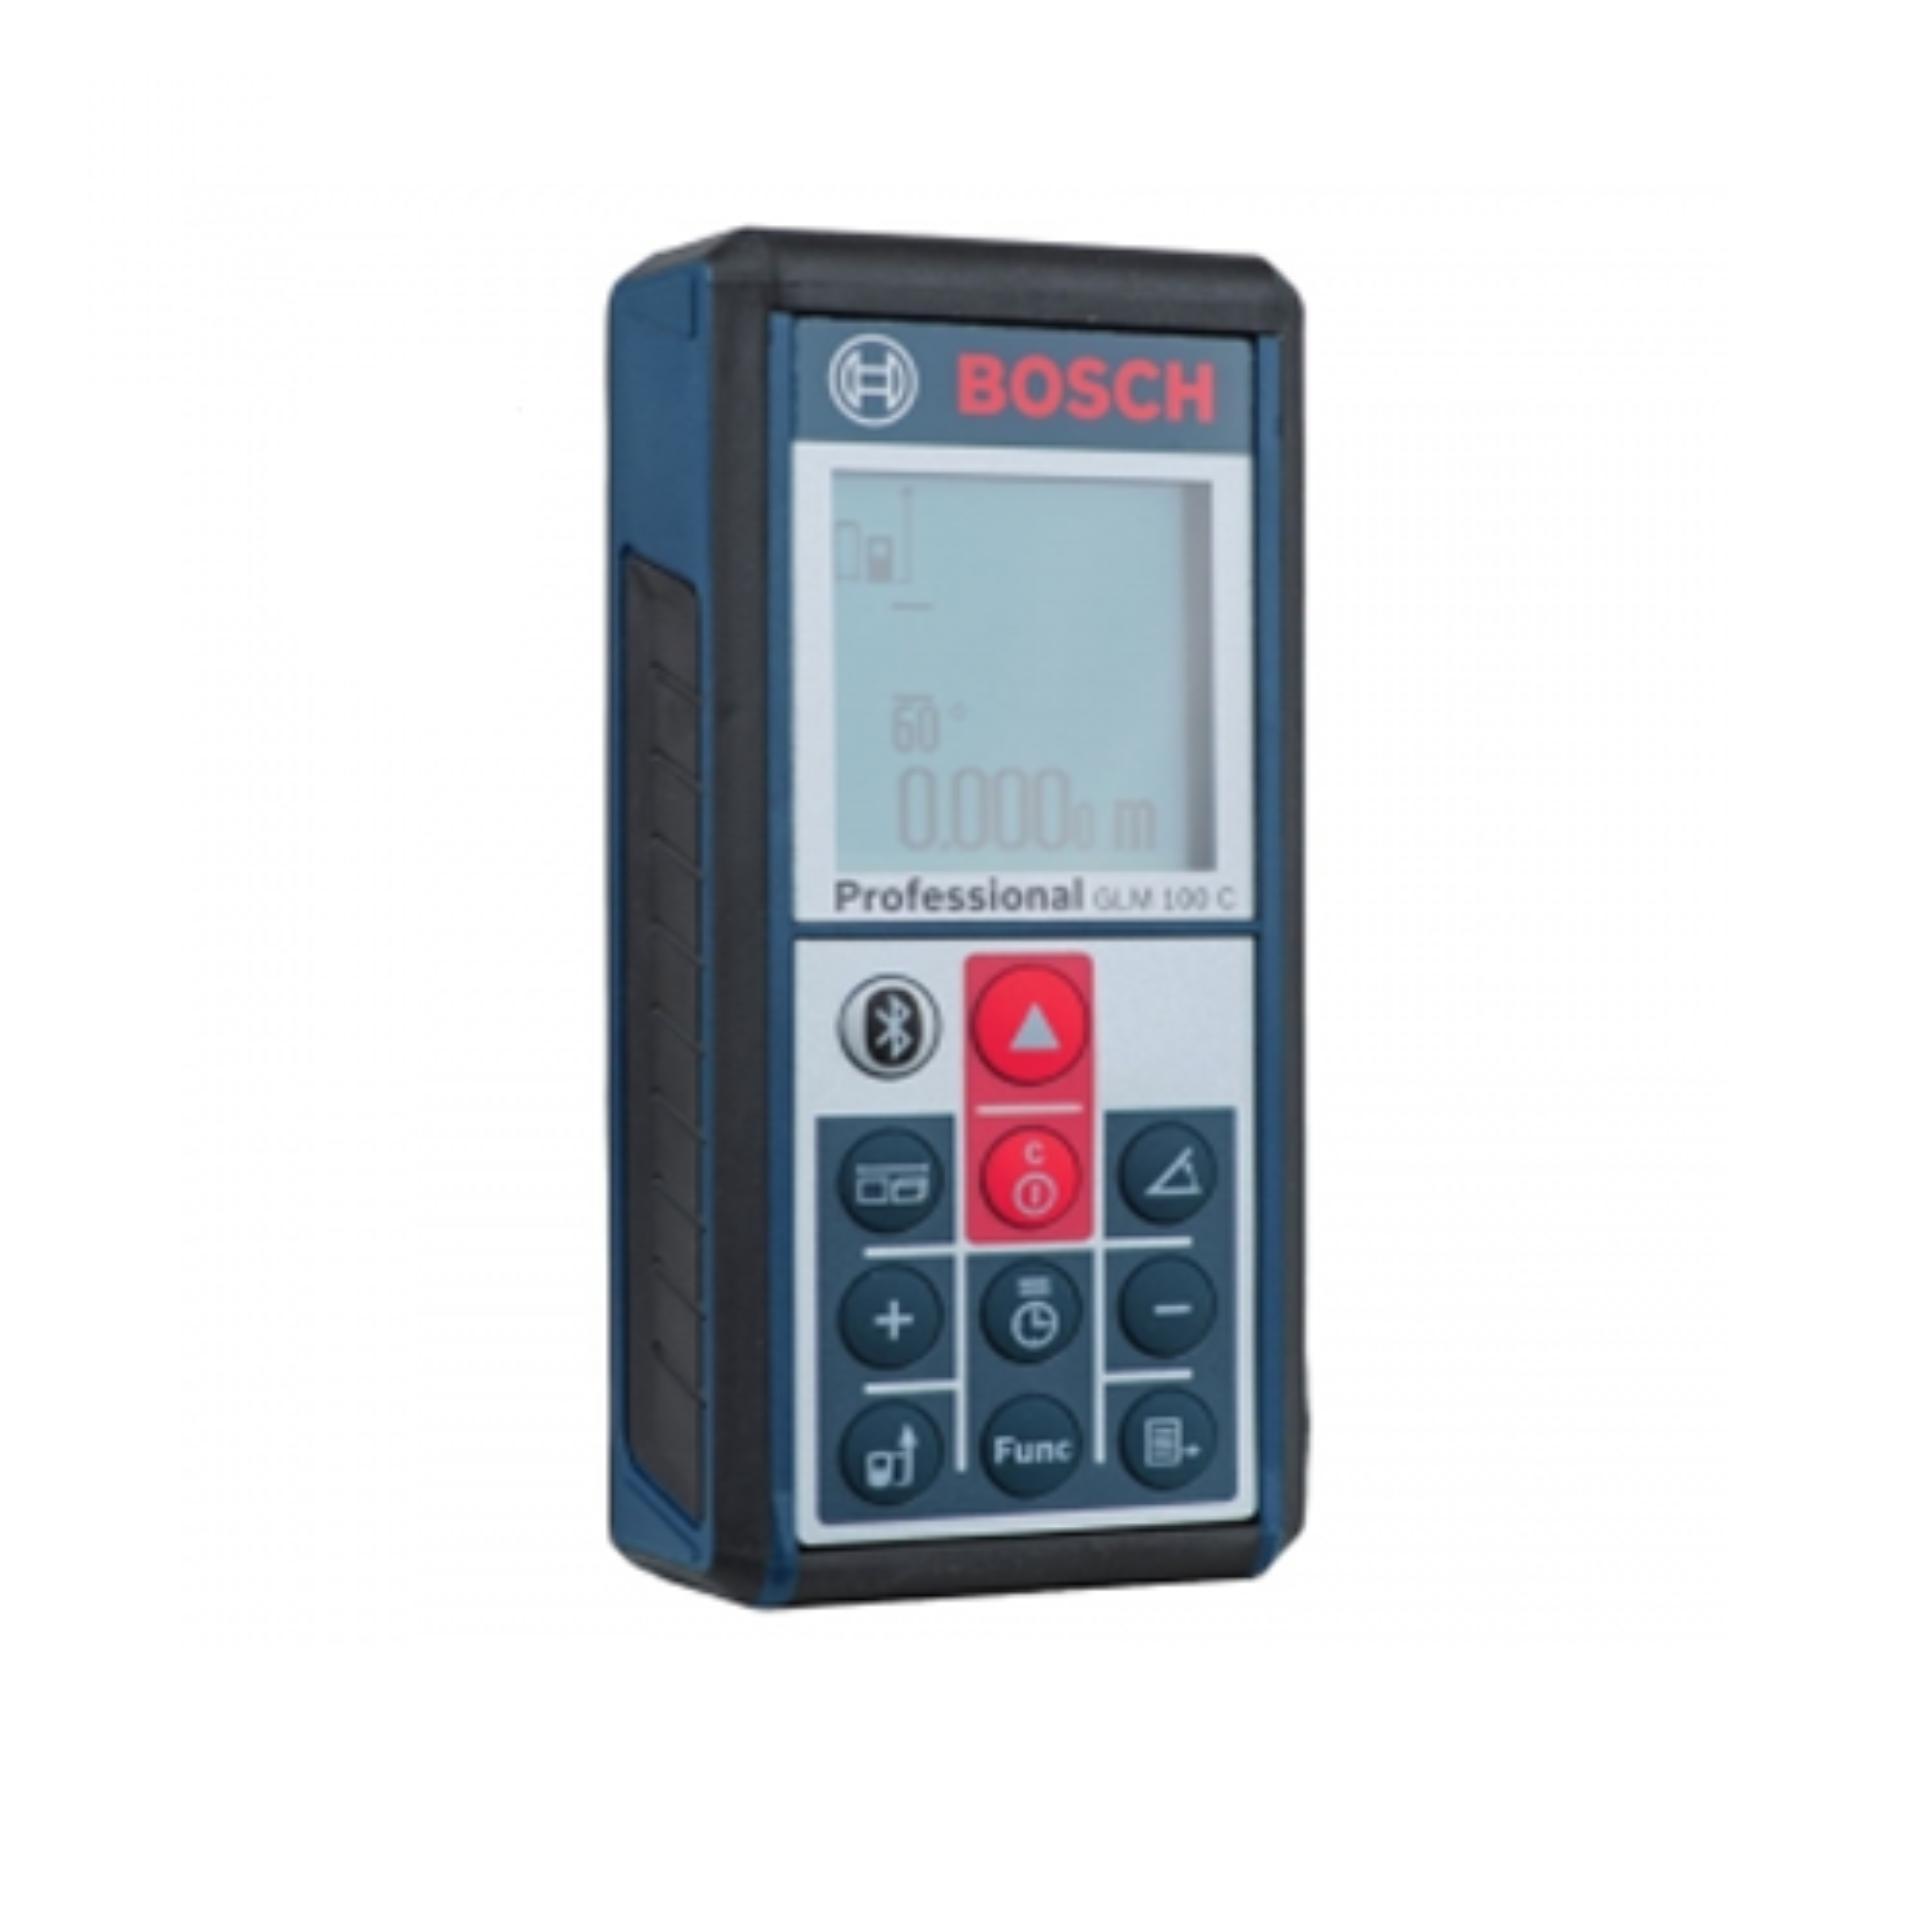 Máy đo kĩ thuật số, GLM 100 C, 06010727K0, Bosch